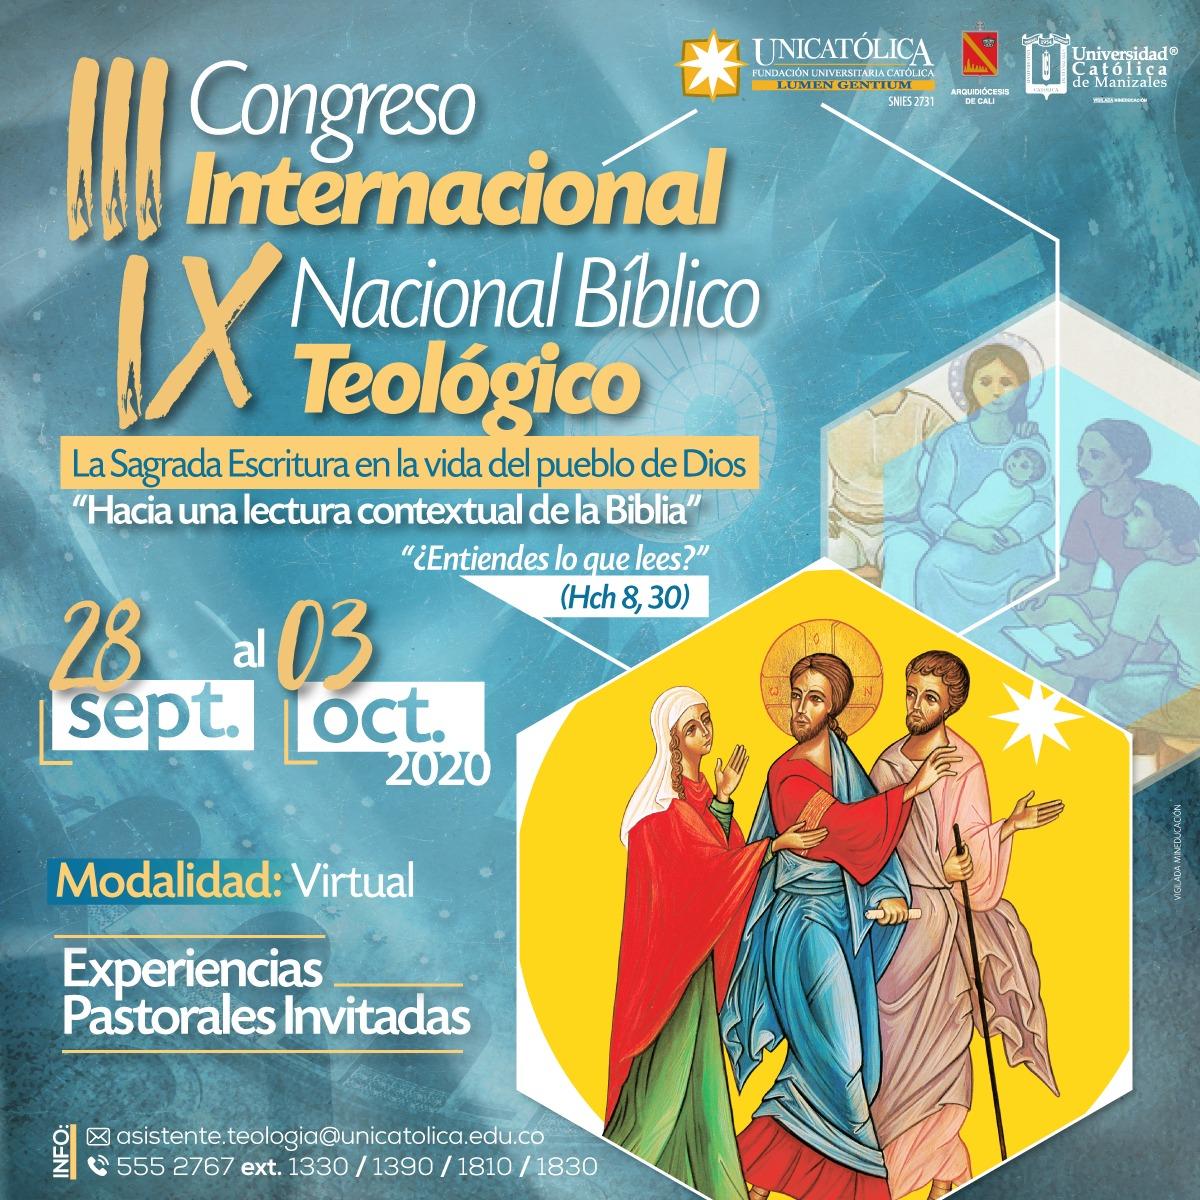 Congreso Bíblico-Teológico Internacional en Colombia